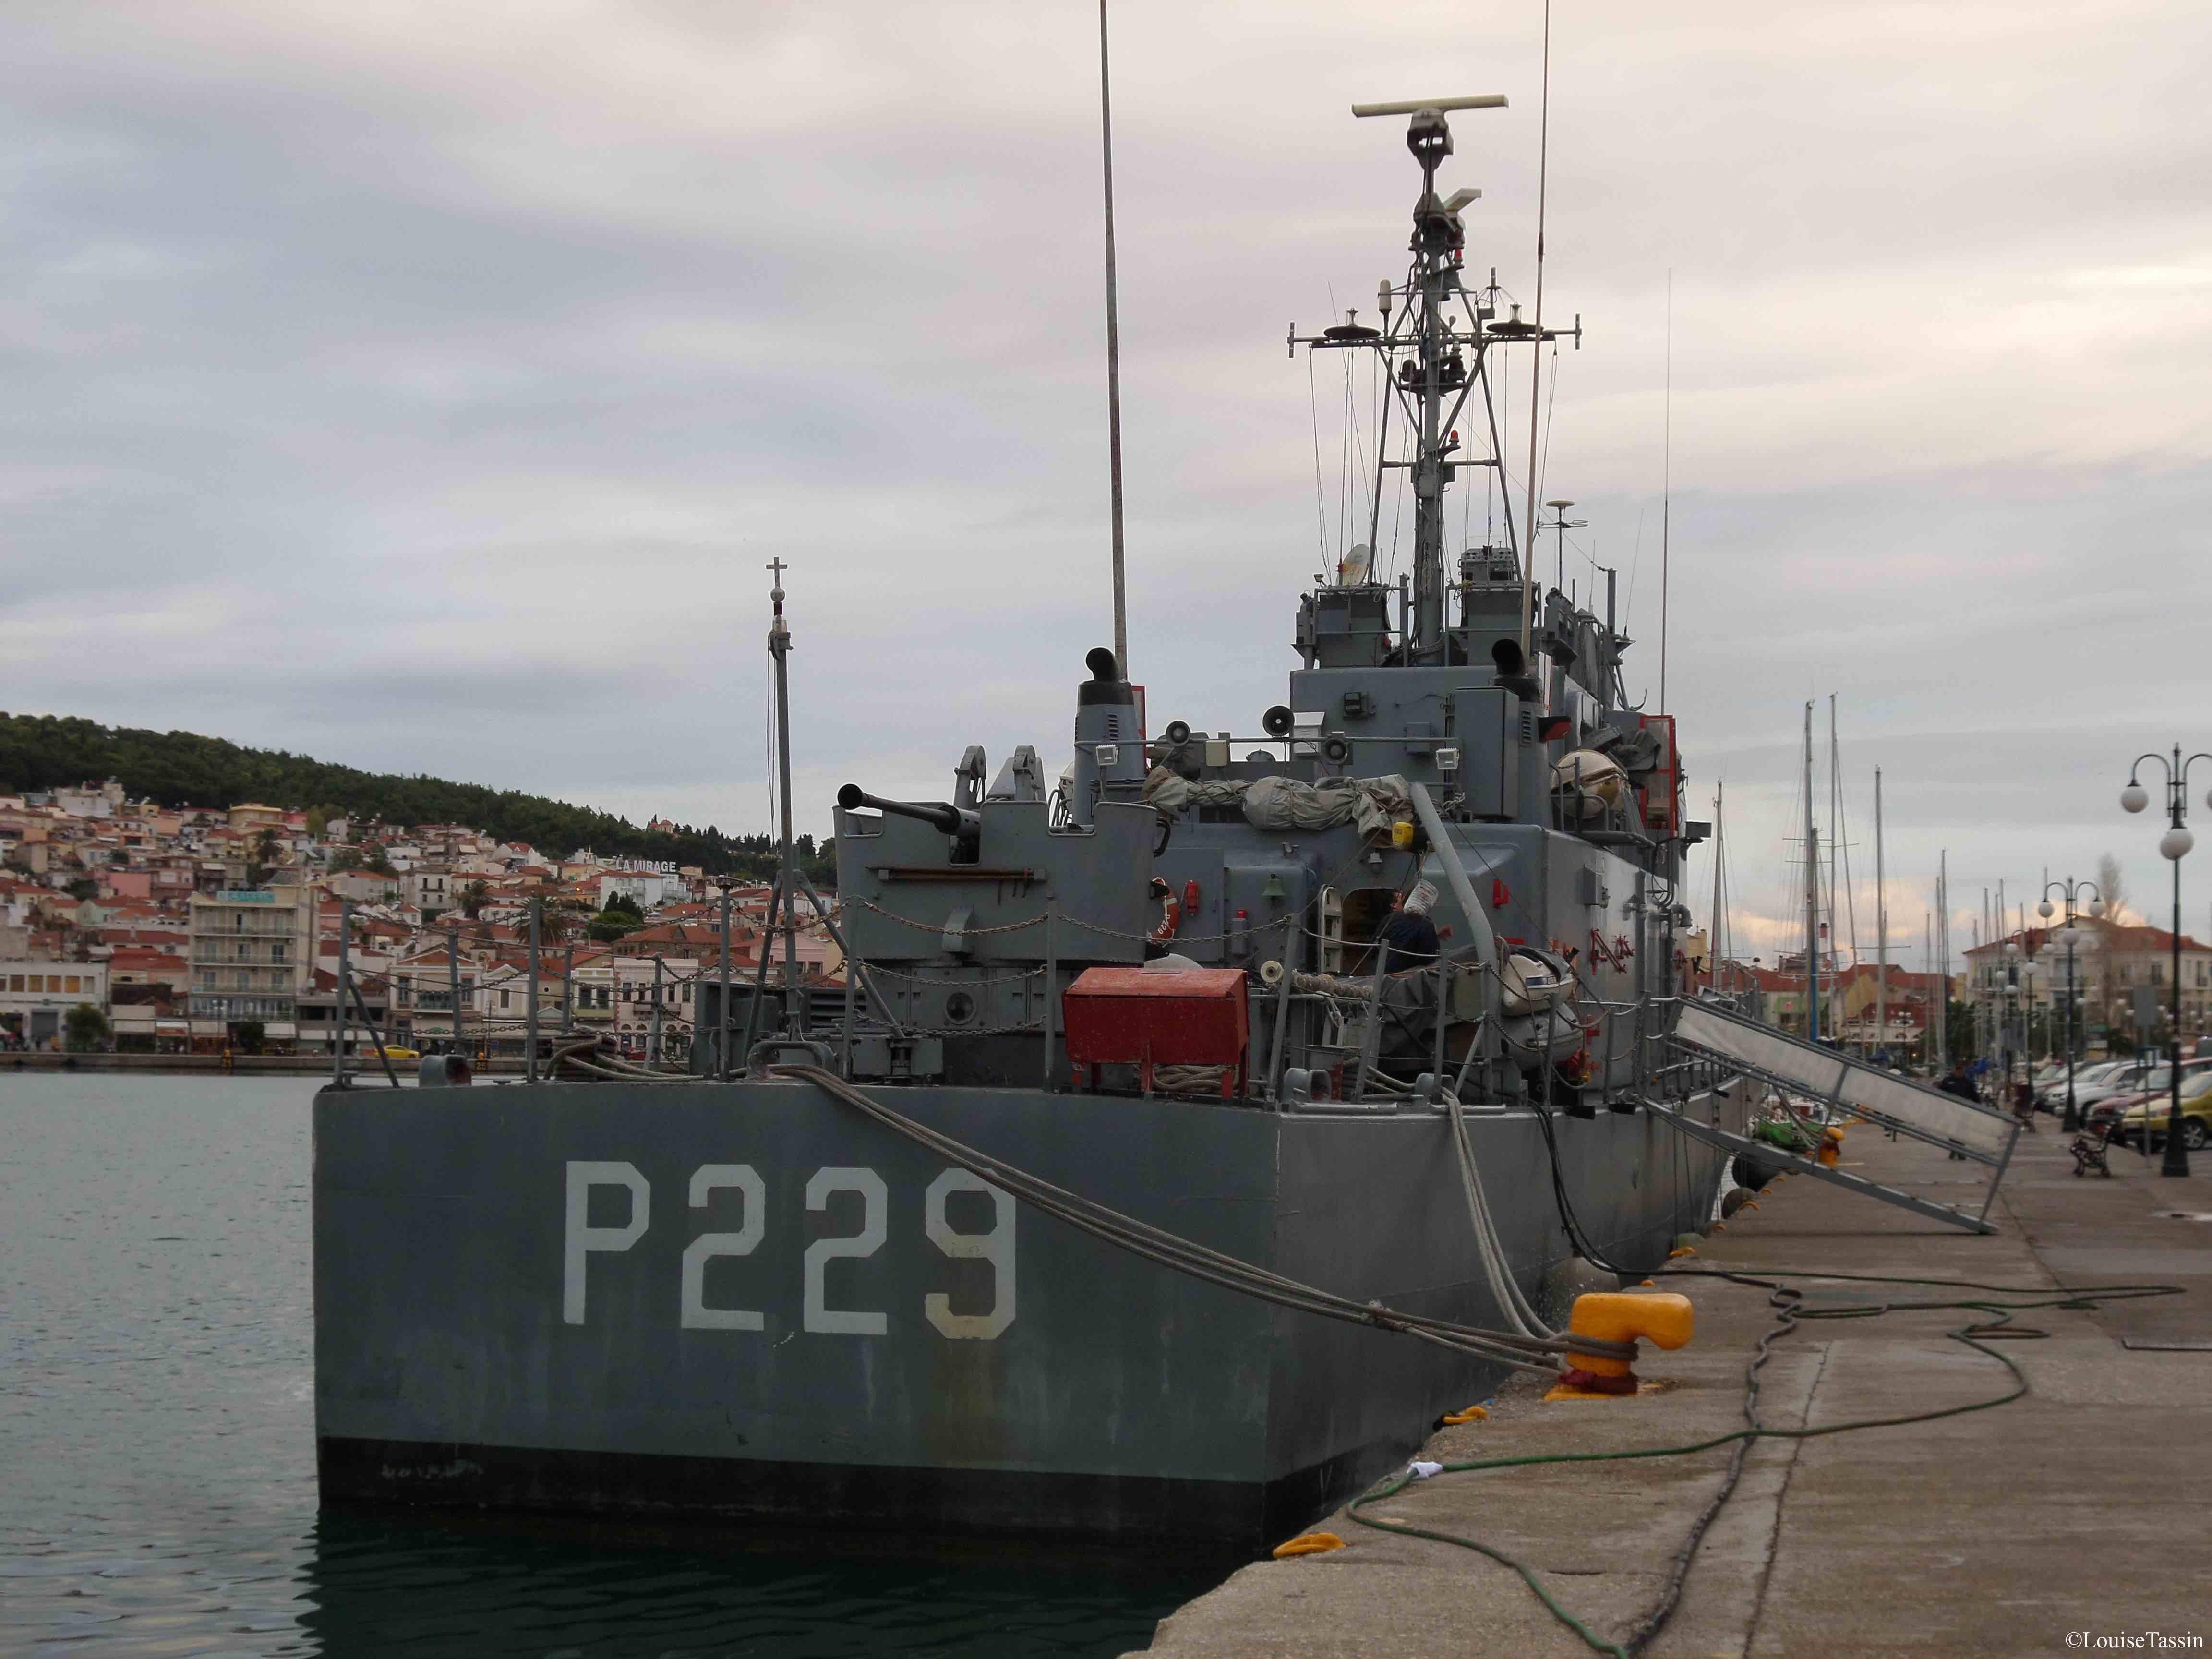 16. Un bateau des garde-côtes accosté sur les quais de Mytilène à Lesbos, en décembre 2013 (Louise Tassin)